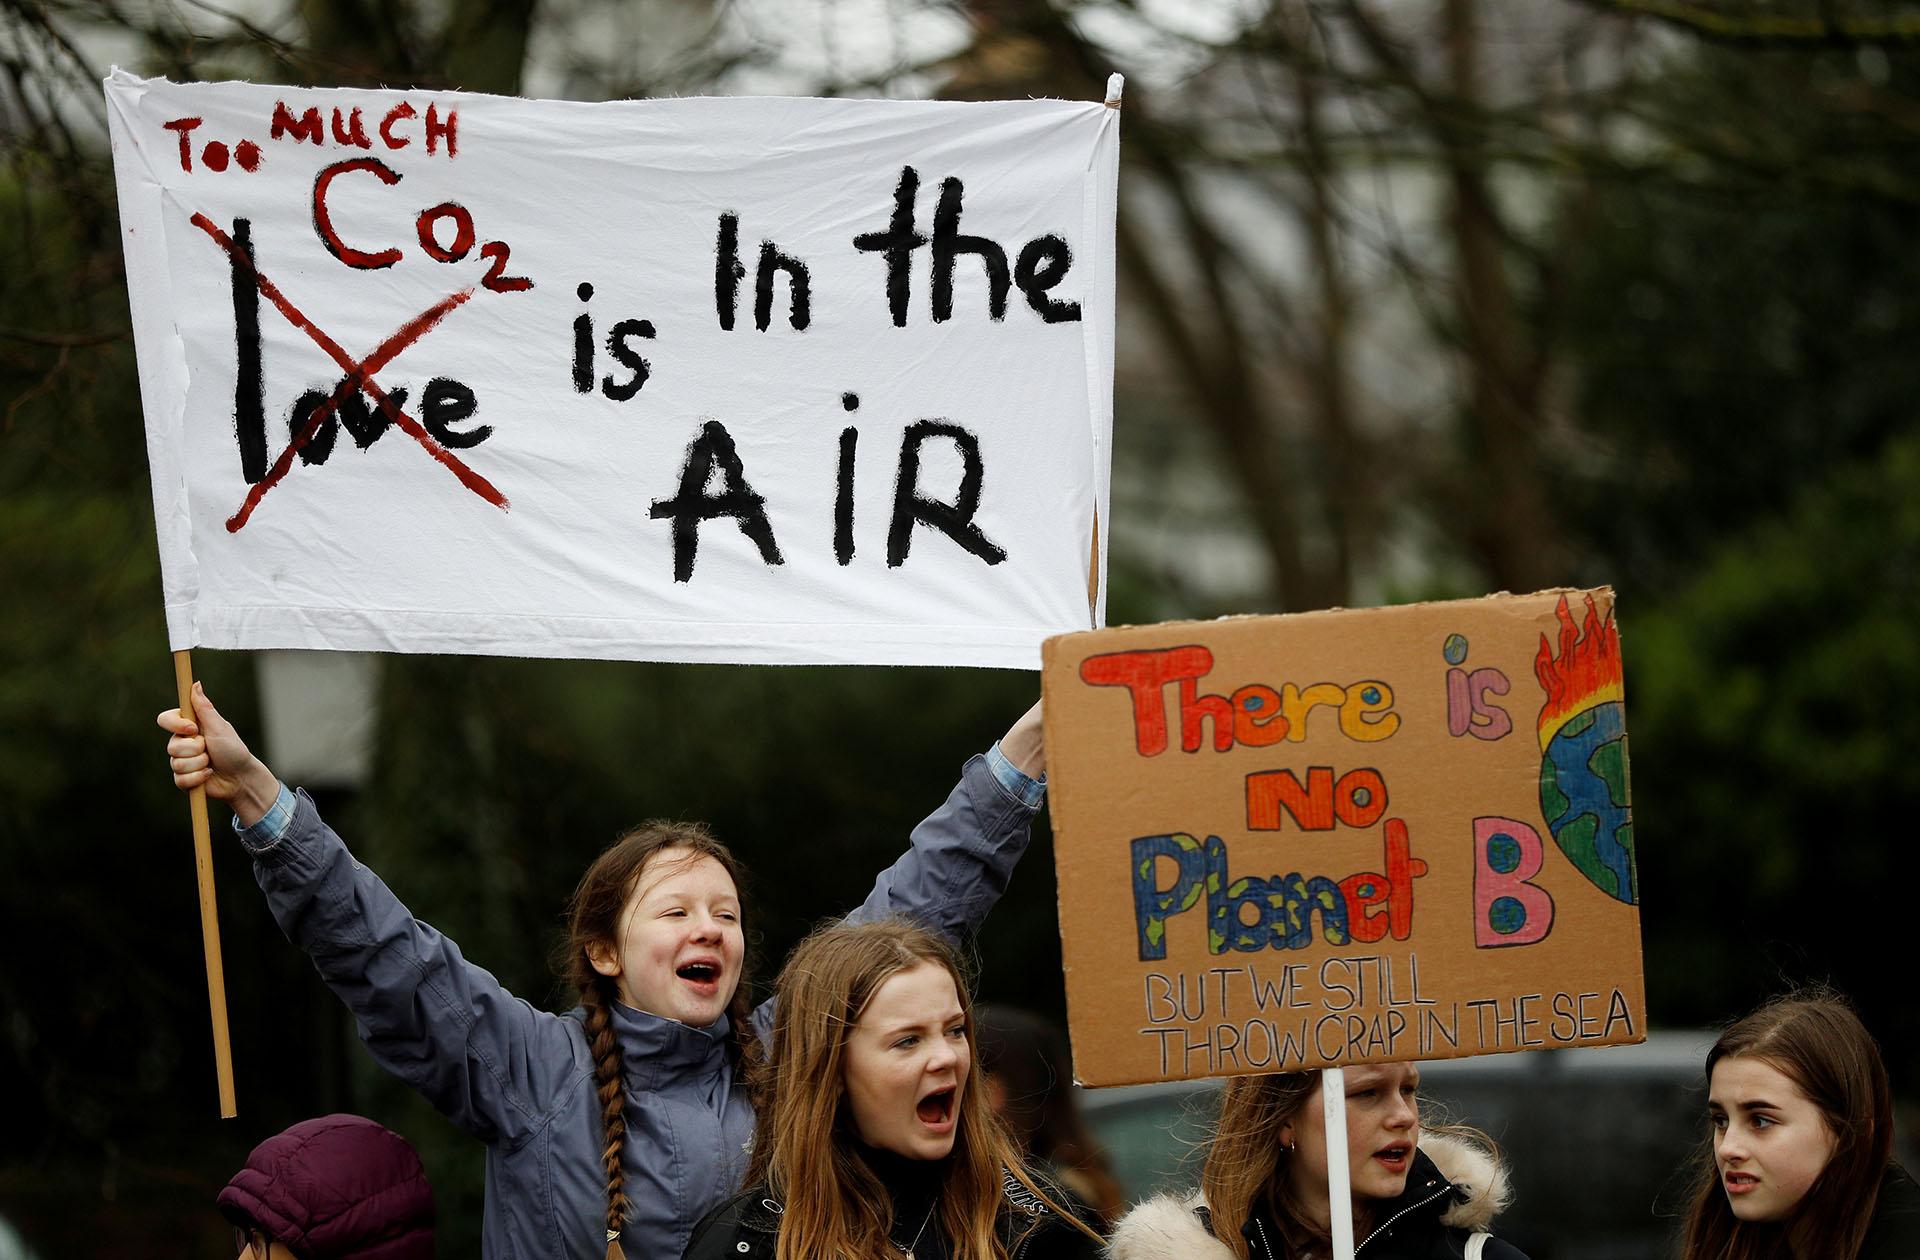 """Un cartel en Brighton asegura que """"Hay demasiado dióxido de carbono en el aire"""", en un juego de palabras con la canción """"El amor está en el aire"""" (""""Love is in the air"""")"""